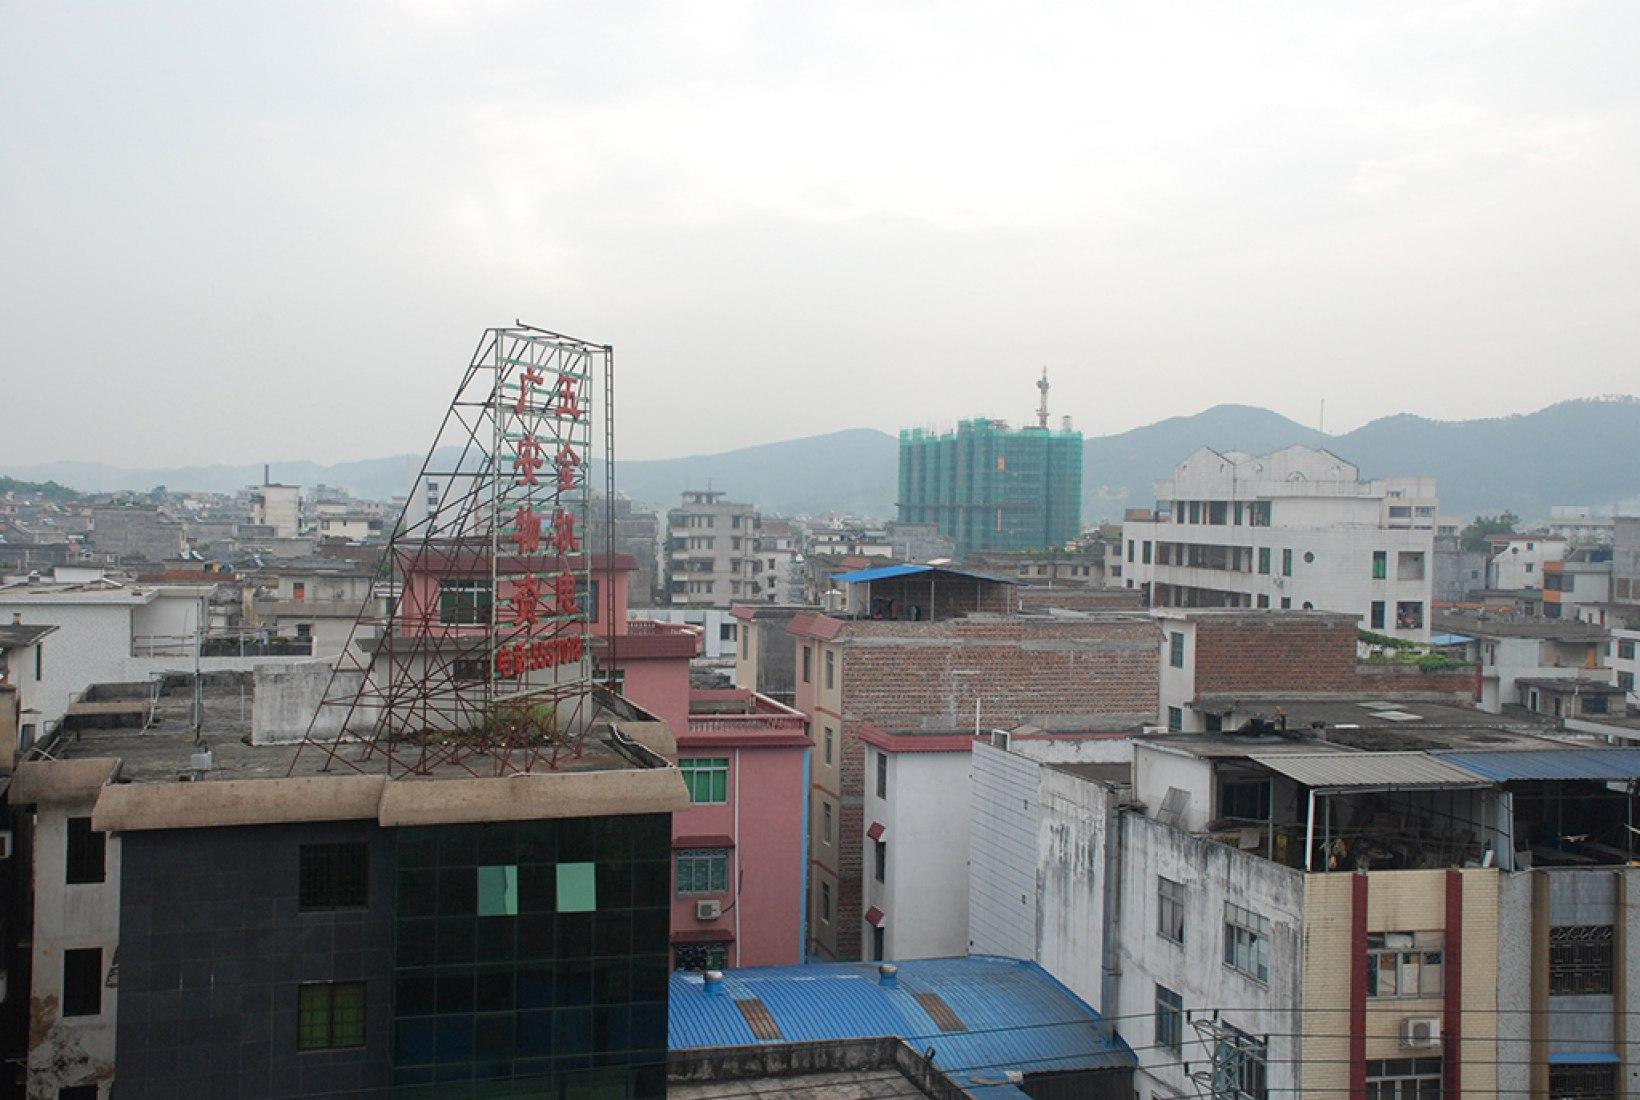 Vista de la ciudad. Escuela Primaria Mulan. © Rural Urban Framework (RUF).